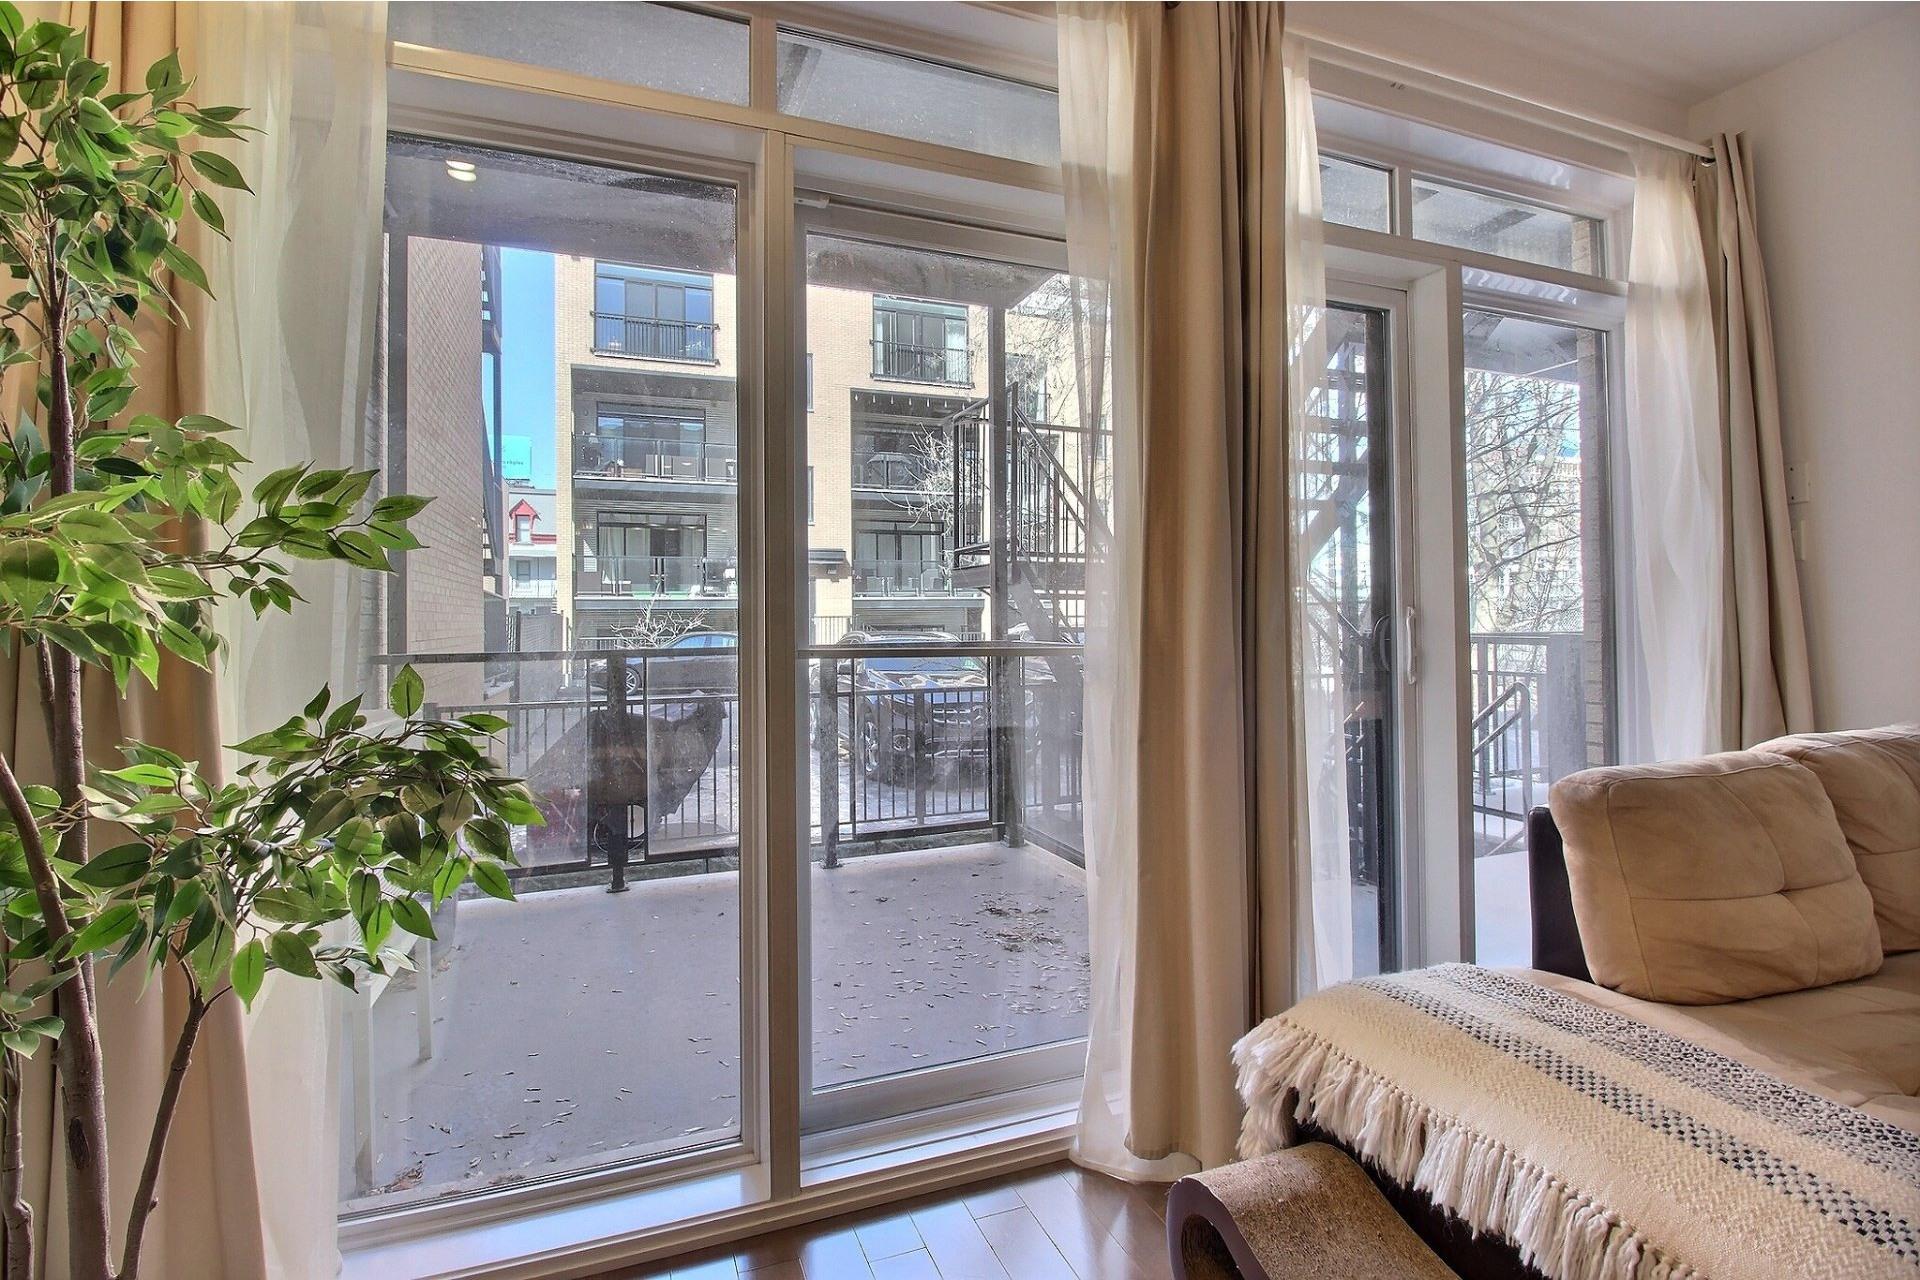 image 5 - Apartment For sale Ville-Marie Montréal  - 3 rooms